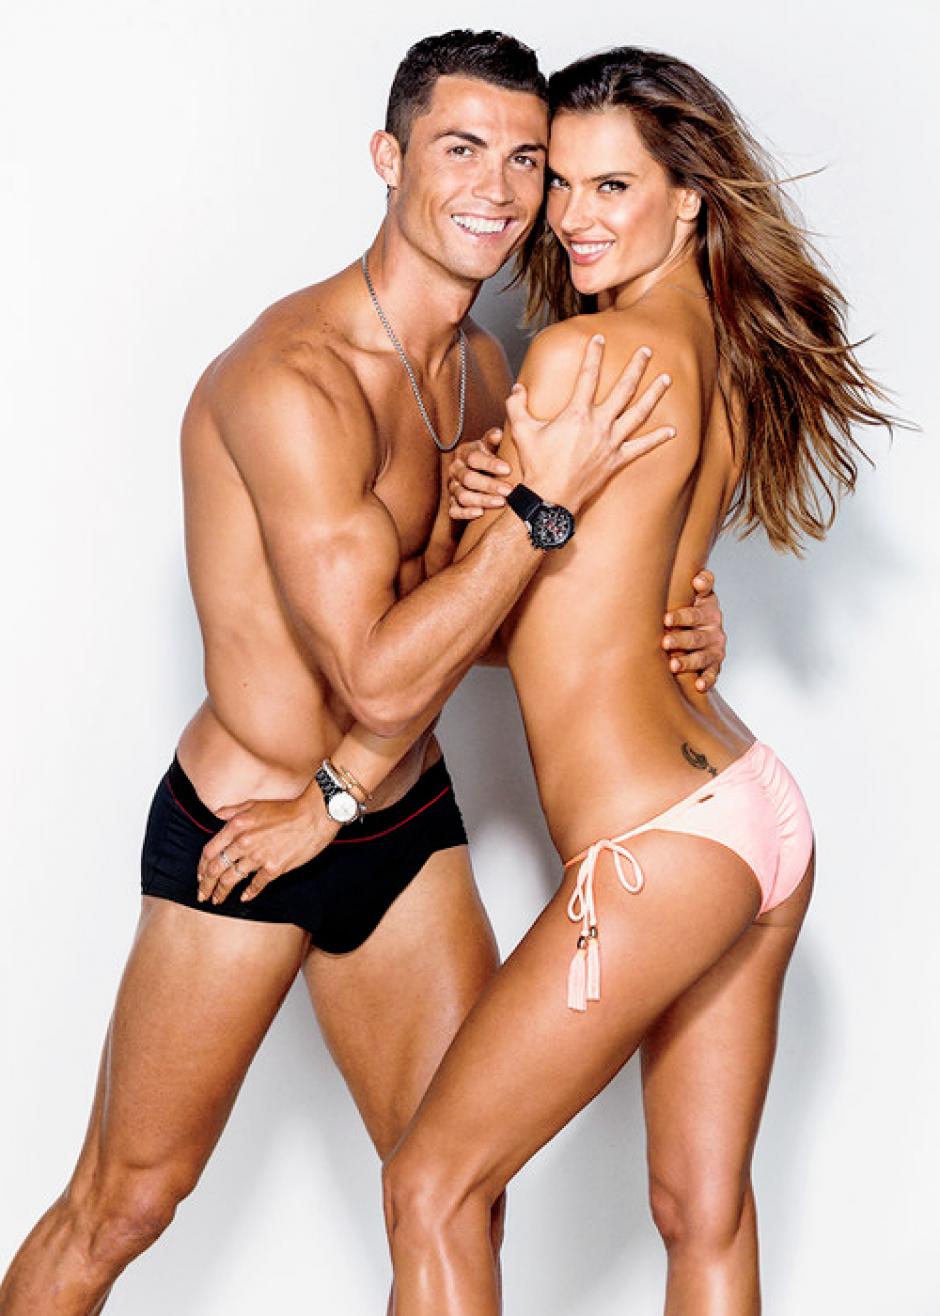 Cristiano Ronaldo y Alessandra Ambrosio sacaron chispas en la sesión de fotos en la que participaron para una revista. (Foto: GQ)